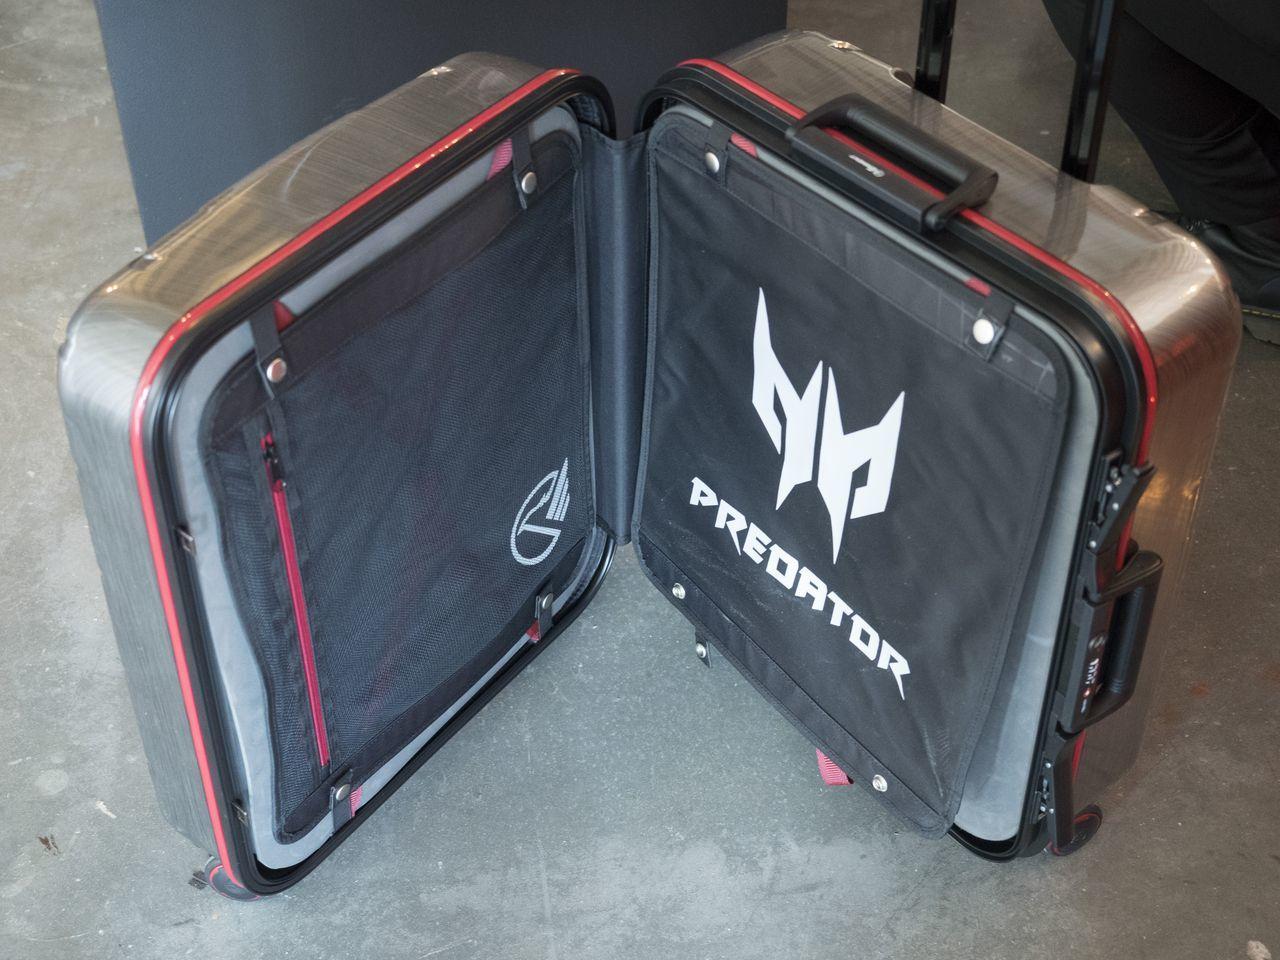 Next@Acer: Самый мощный игровой ноутбук с воздушным охлаждением, велокомпьютер, Chromebook для работы и другие новинки - 24